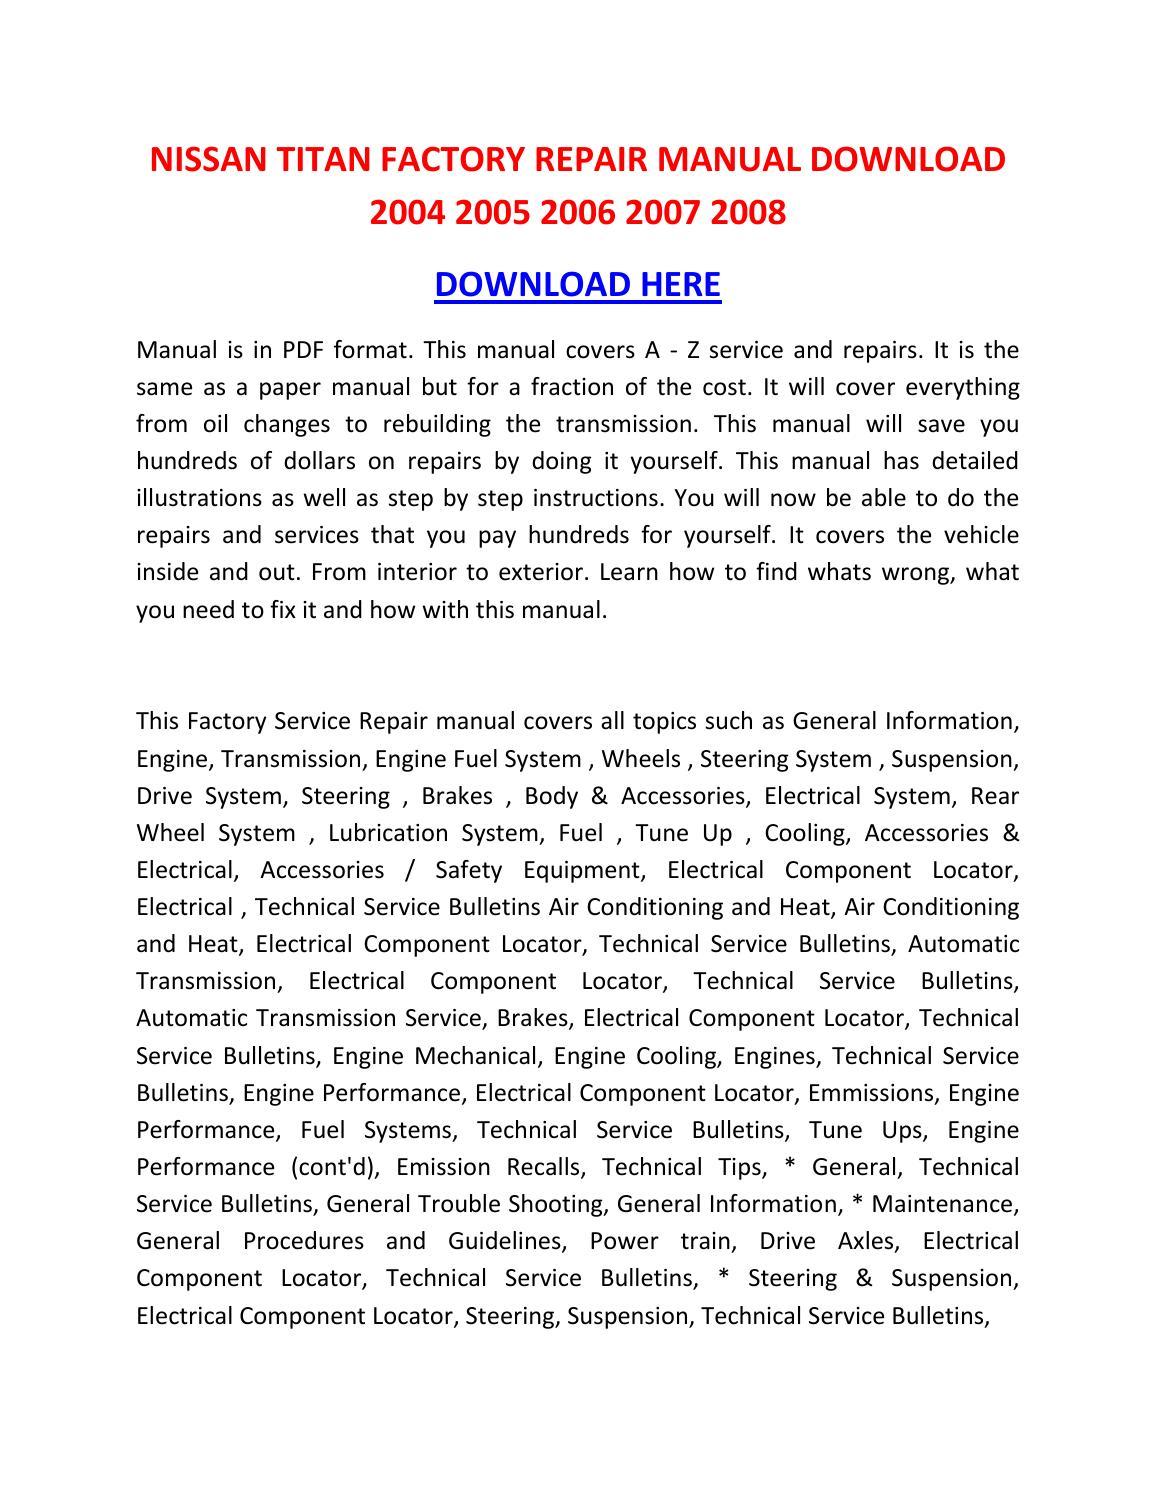 Nissan Titan Factory Repair Manual Download 2004 2005 2006